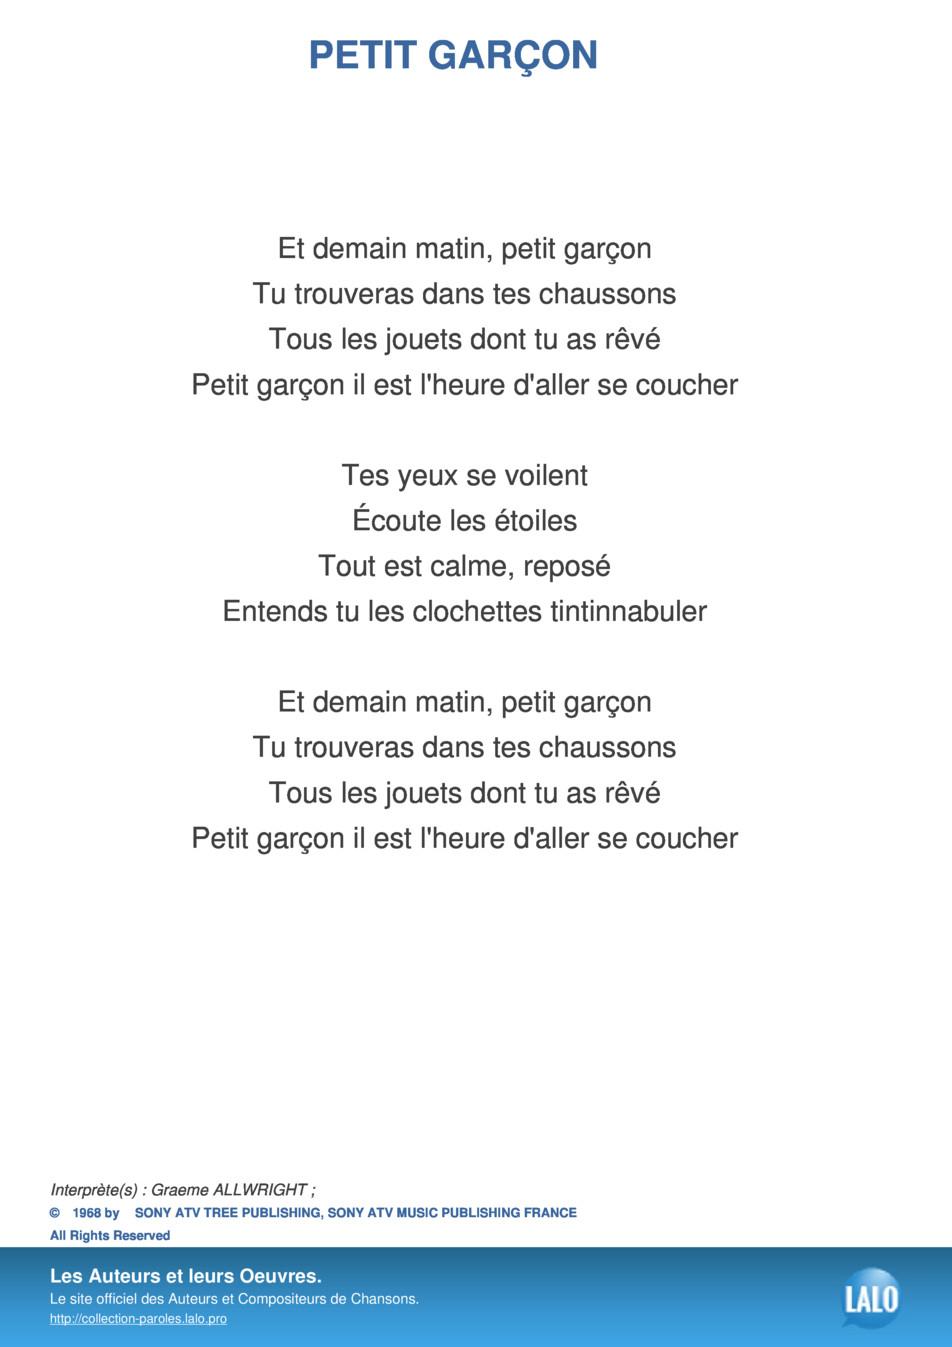 Paroles Et Musique De Petit Garcon Graeme Allwright - Lalo.pro dedans Chanson Dans Son Manteau Rouge Et Blanc